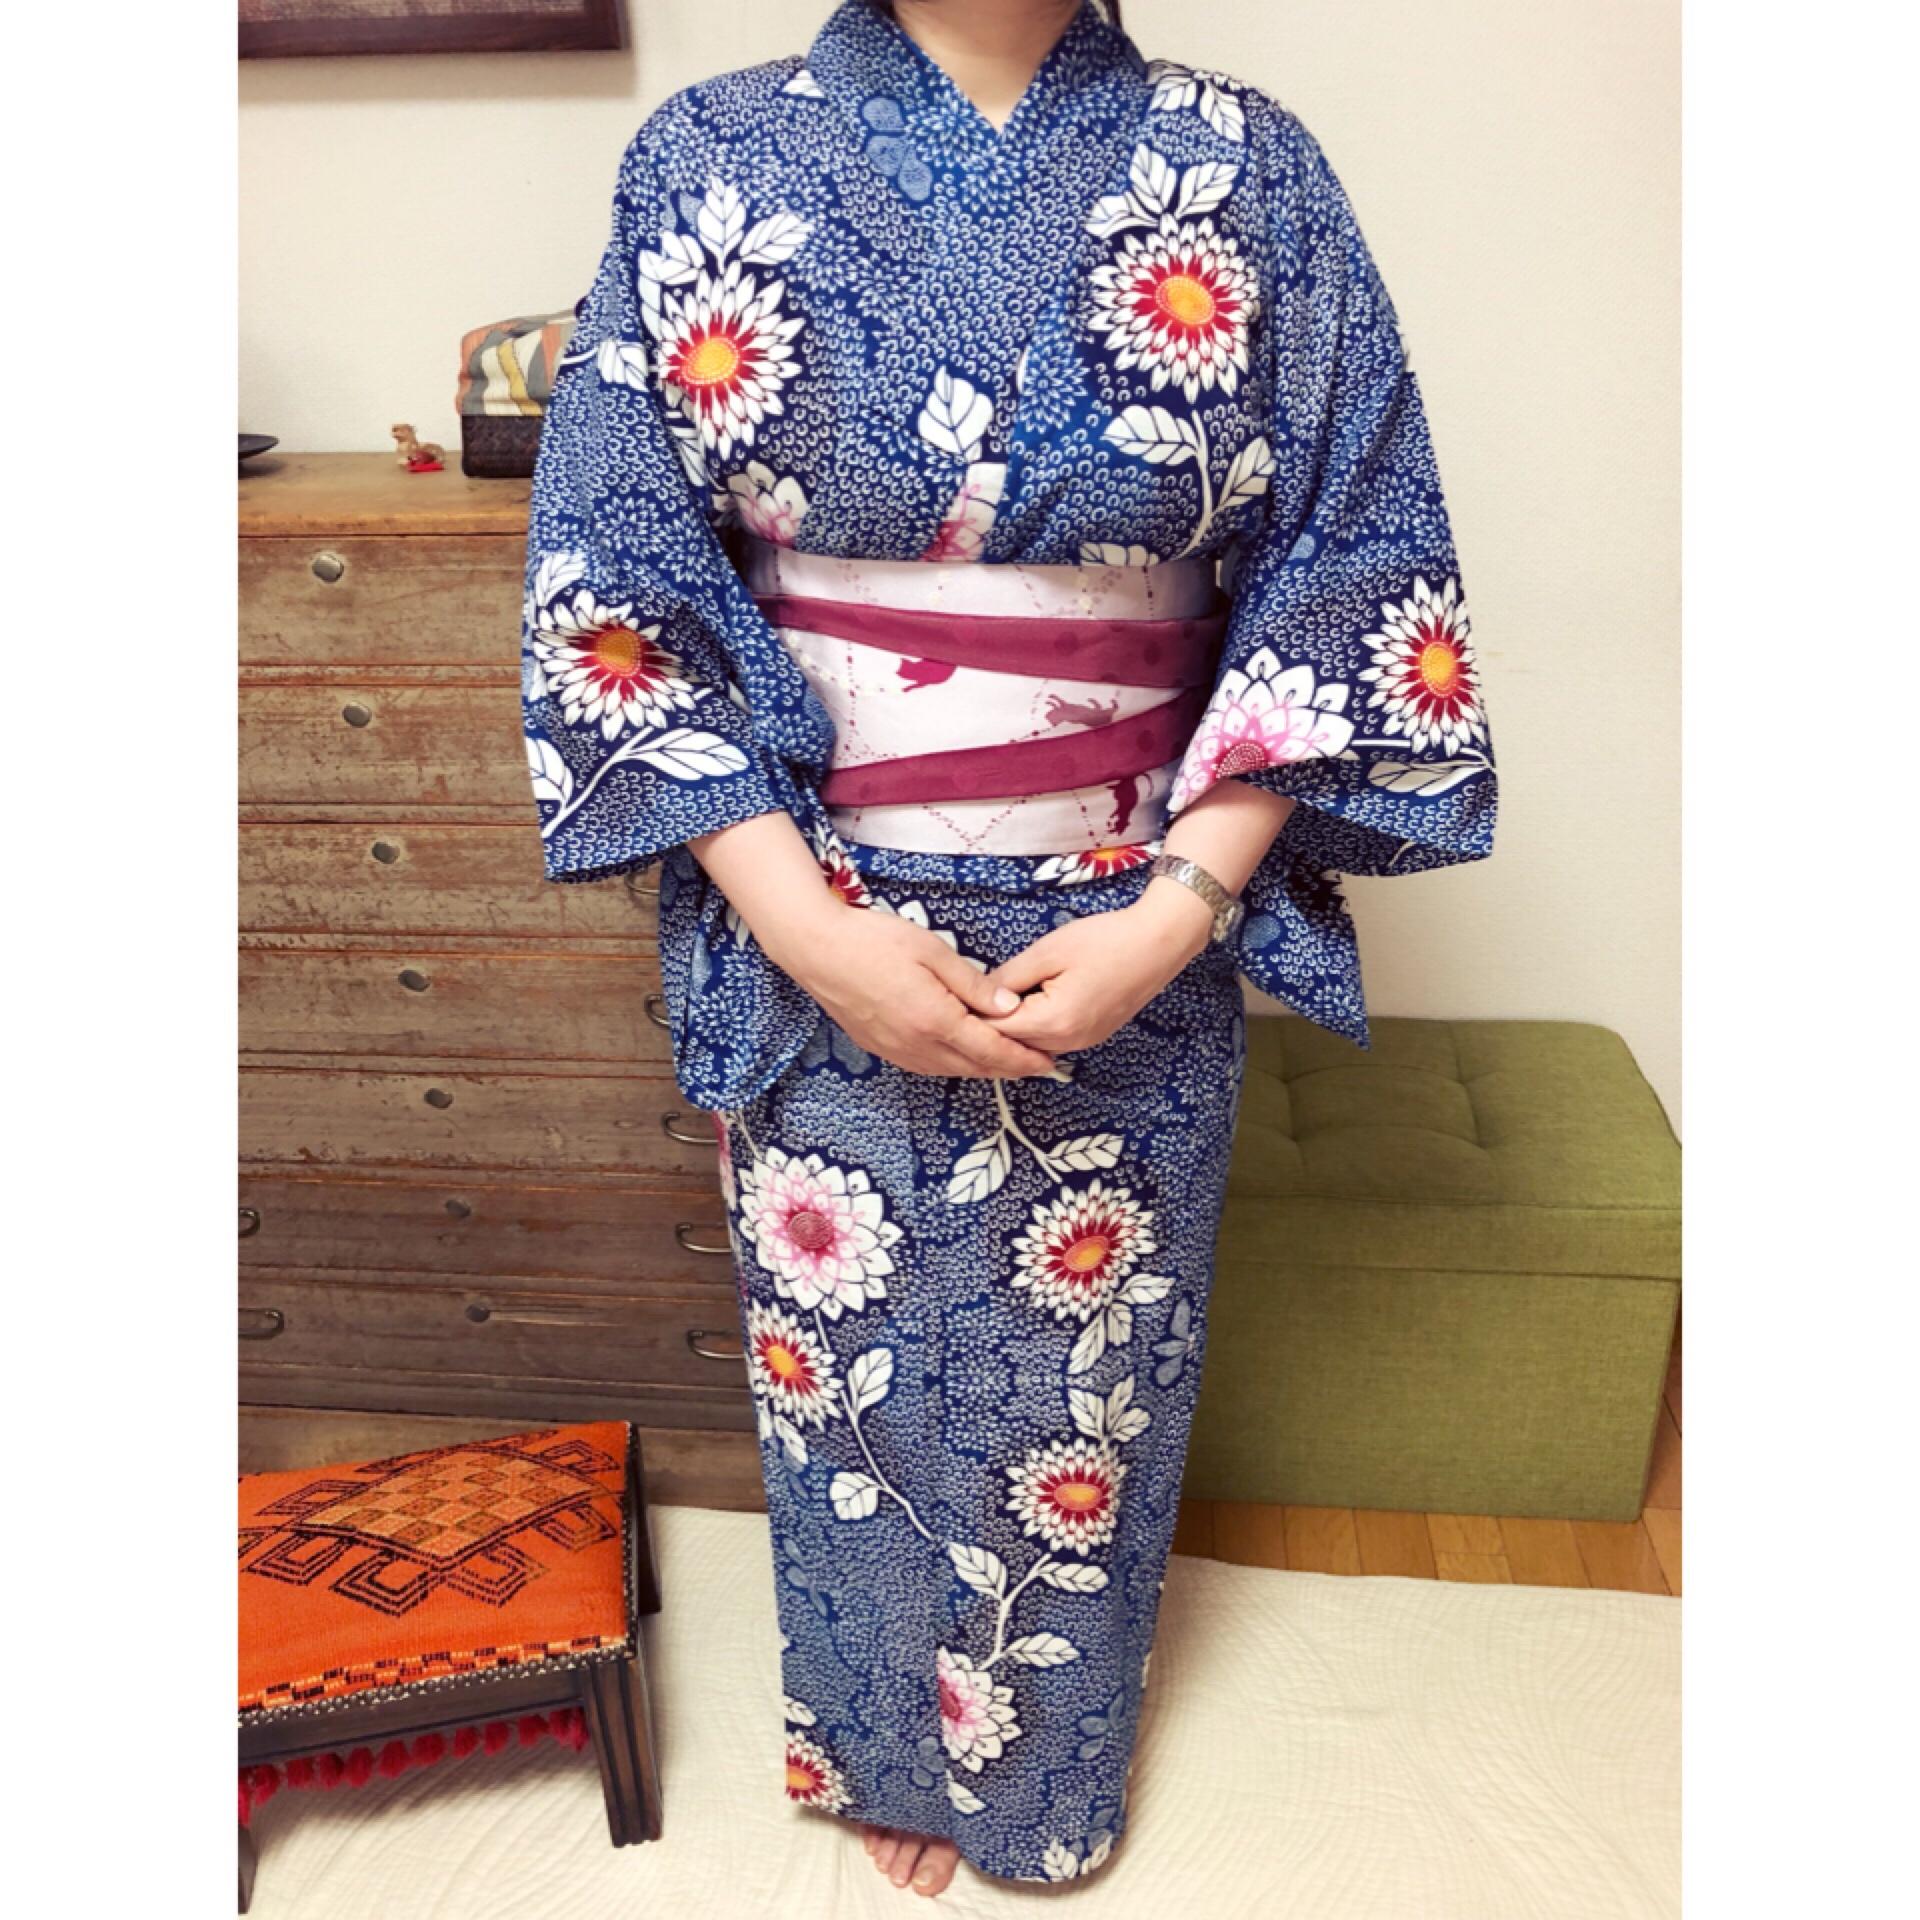 サイズの違う3種類の浴衣でレッスン【大阪京橋の着付け教室きものたまより】